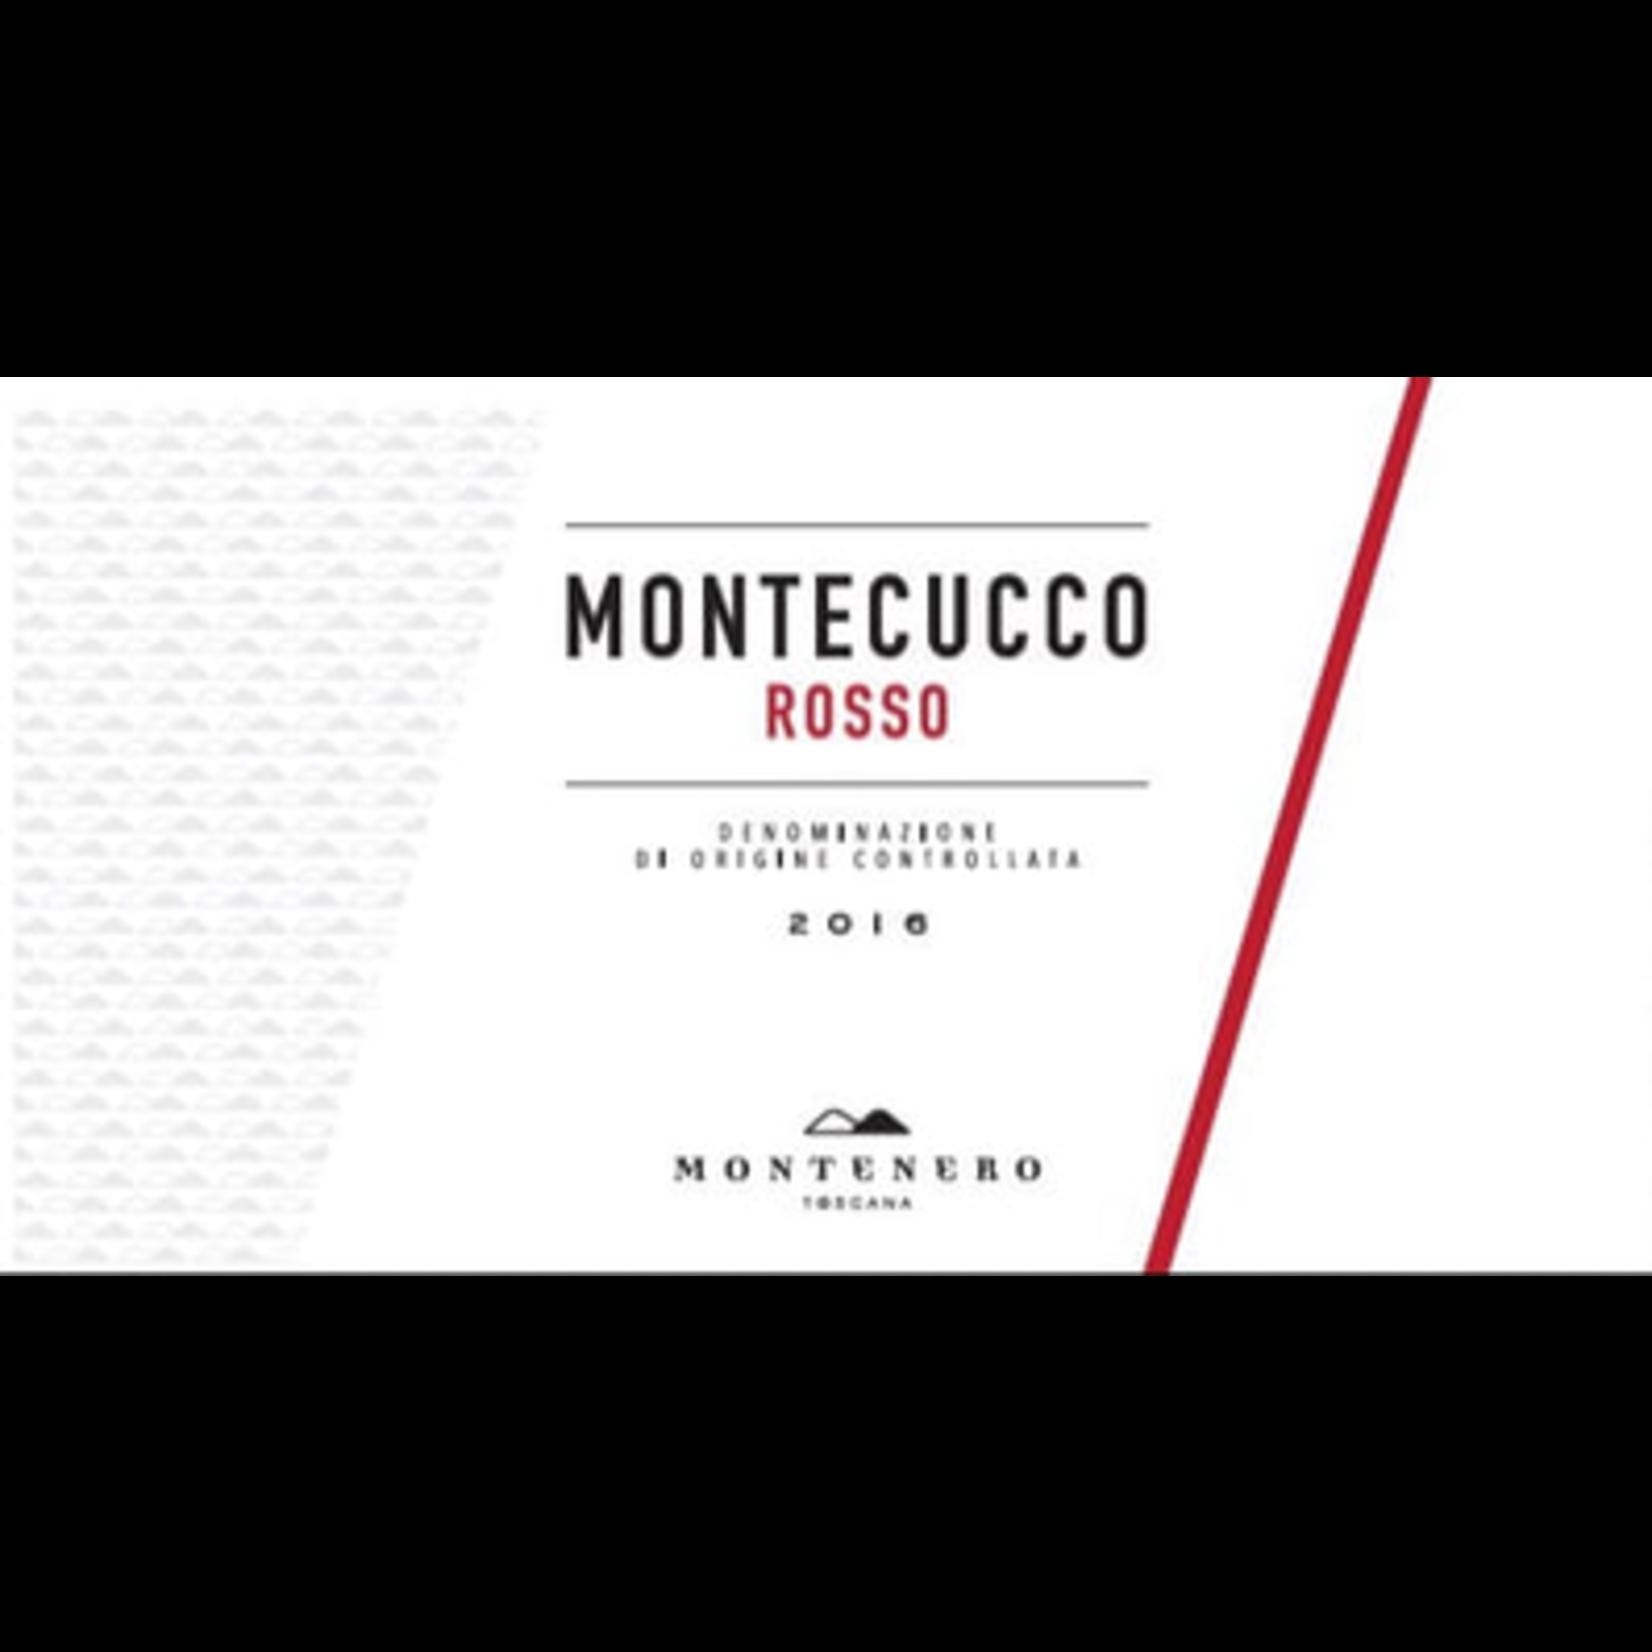 Wine Montecucco Rosso DOC 2016